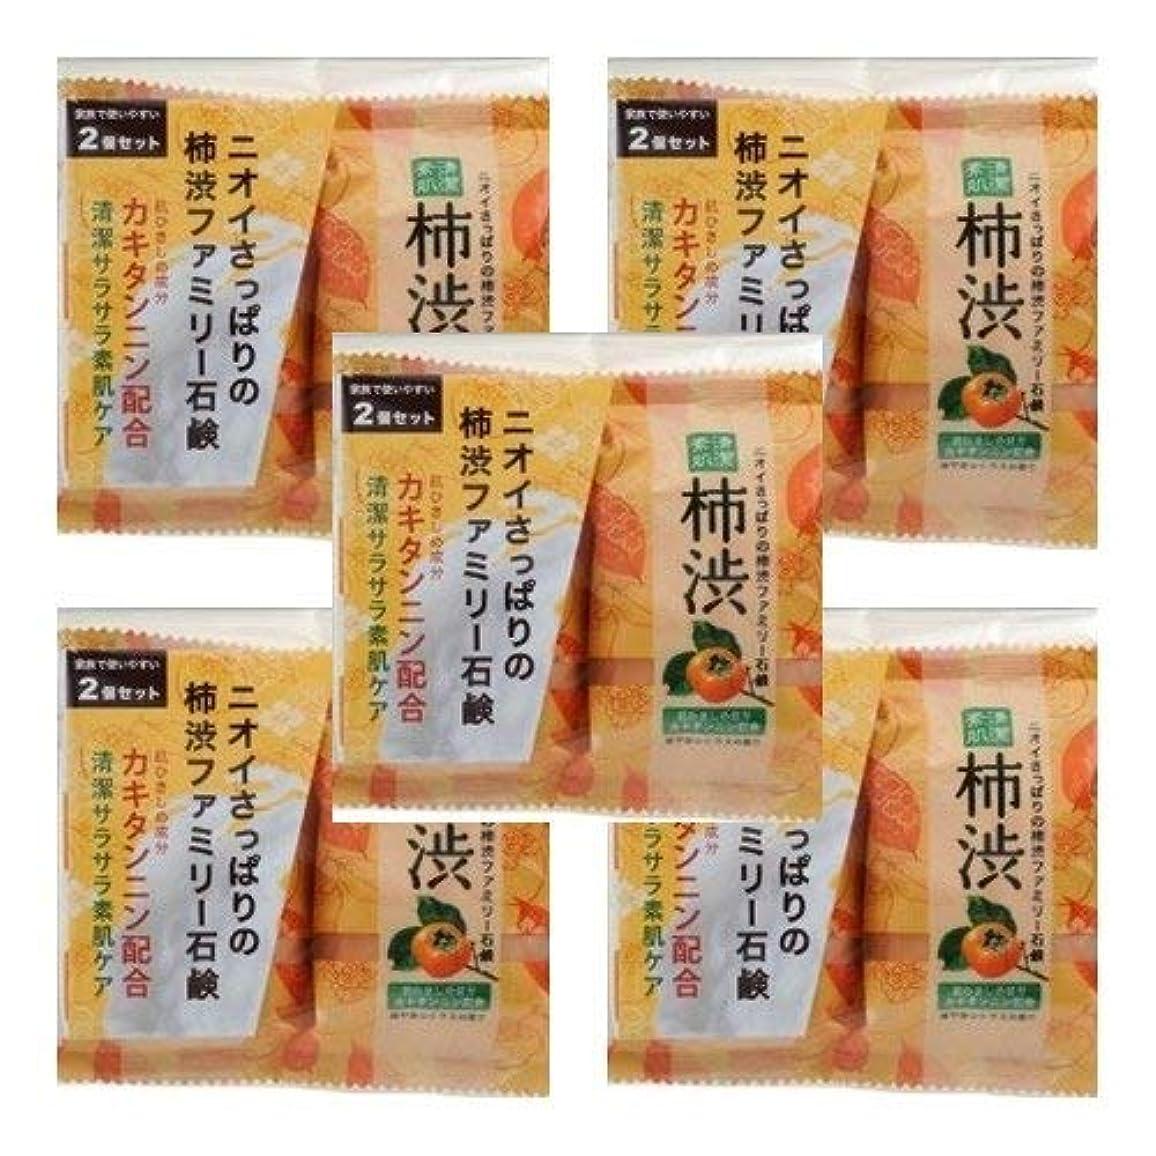 知覚ミルチャップペリカン石鹸 ファミリー柿渋石けん 2個入×5点セット